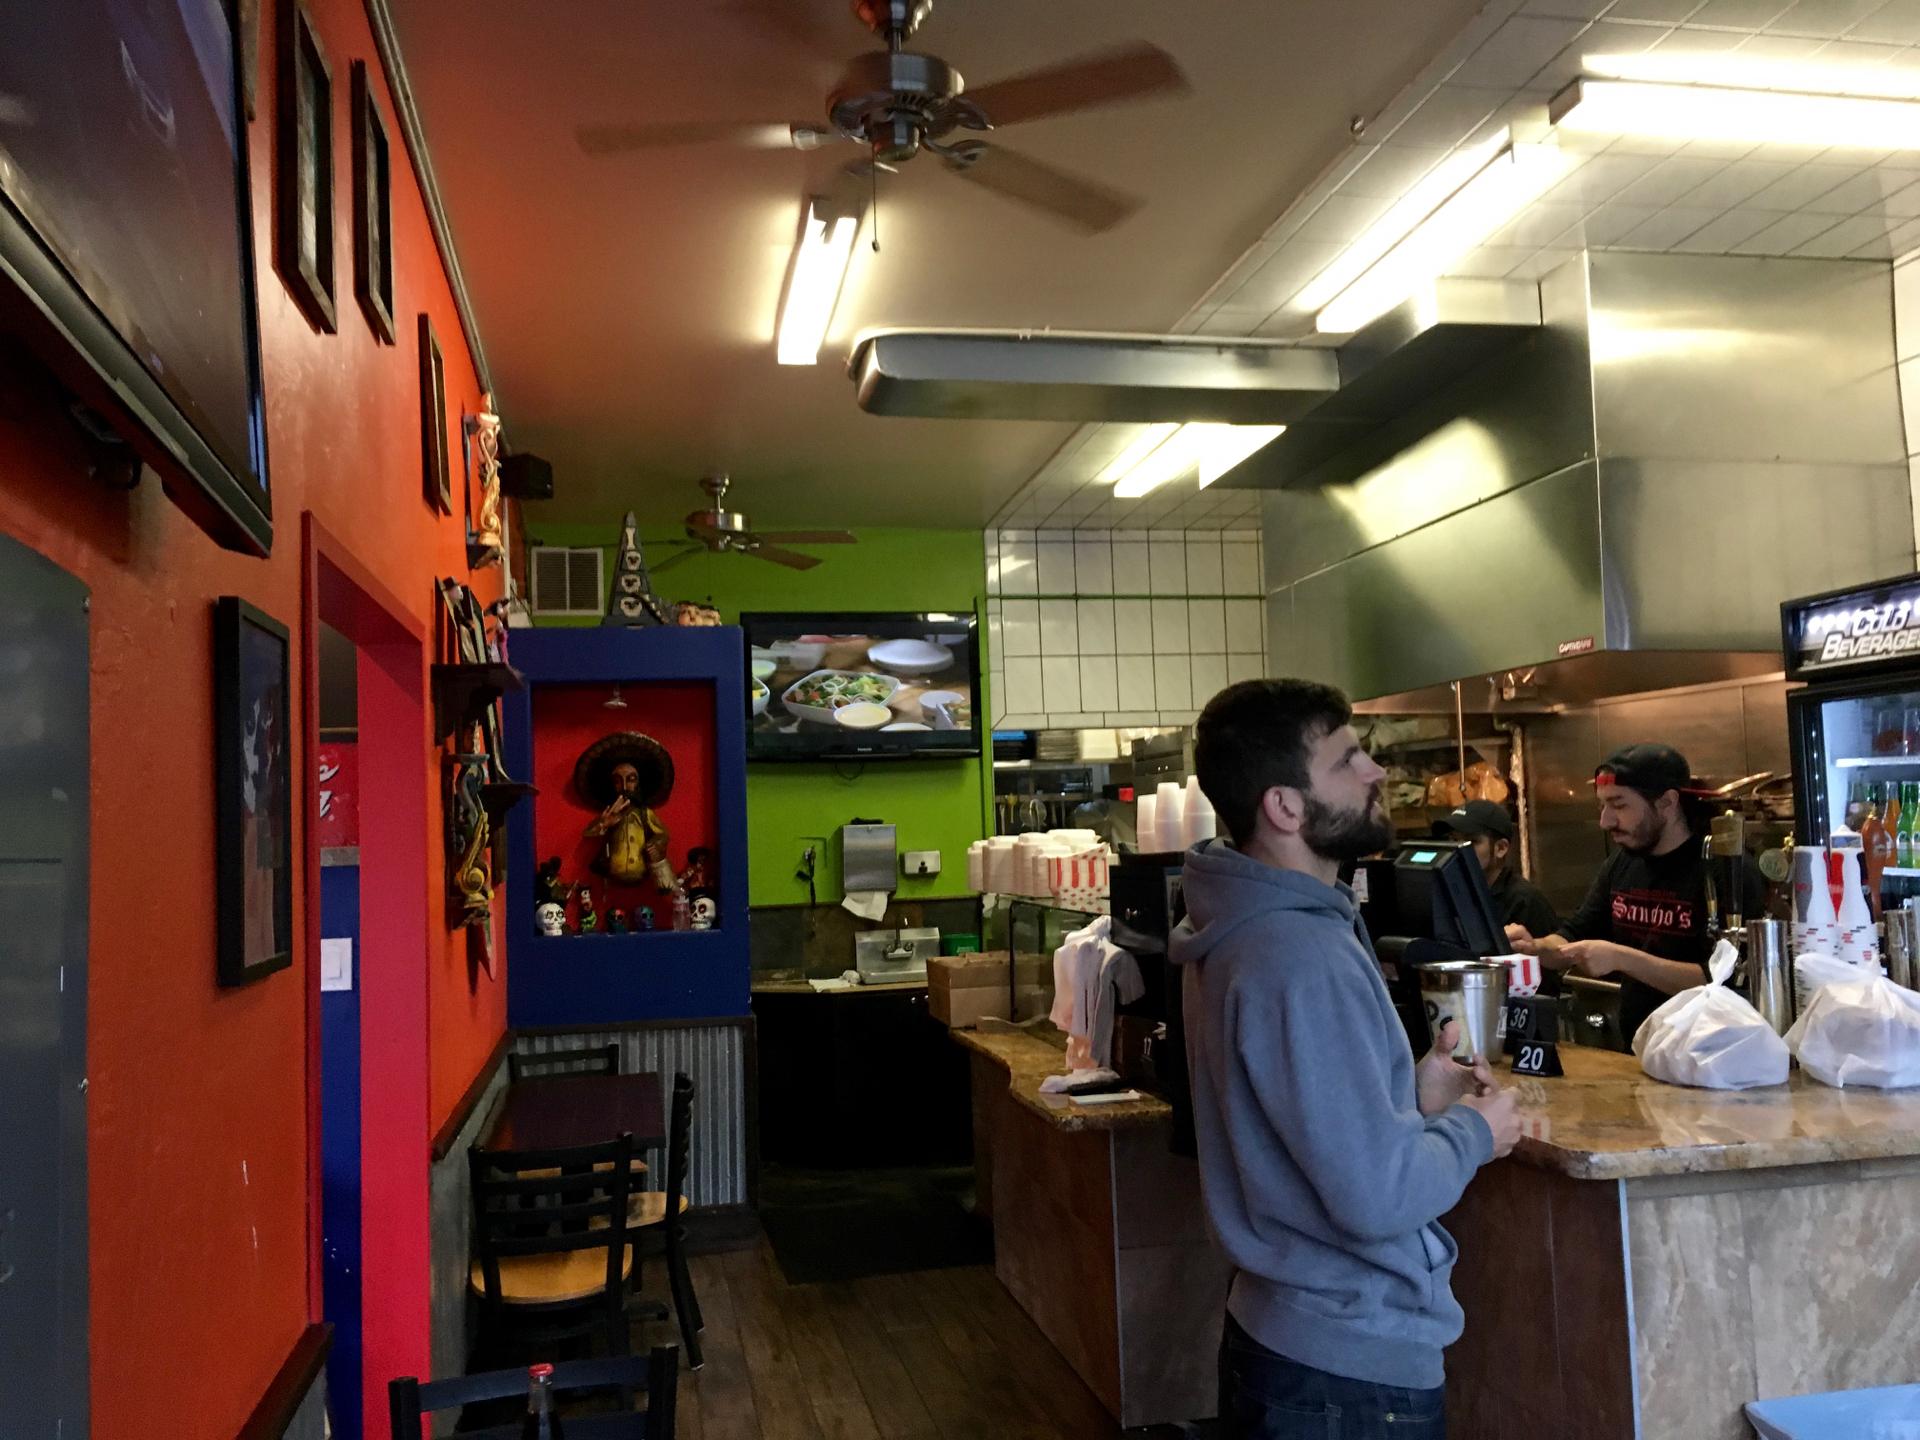 Inside Sancho's Taqueria in Palo Alto.